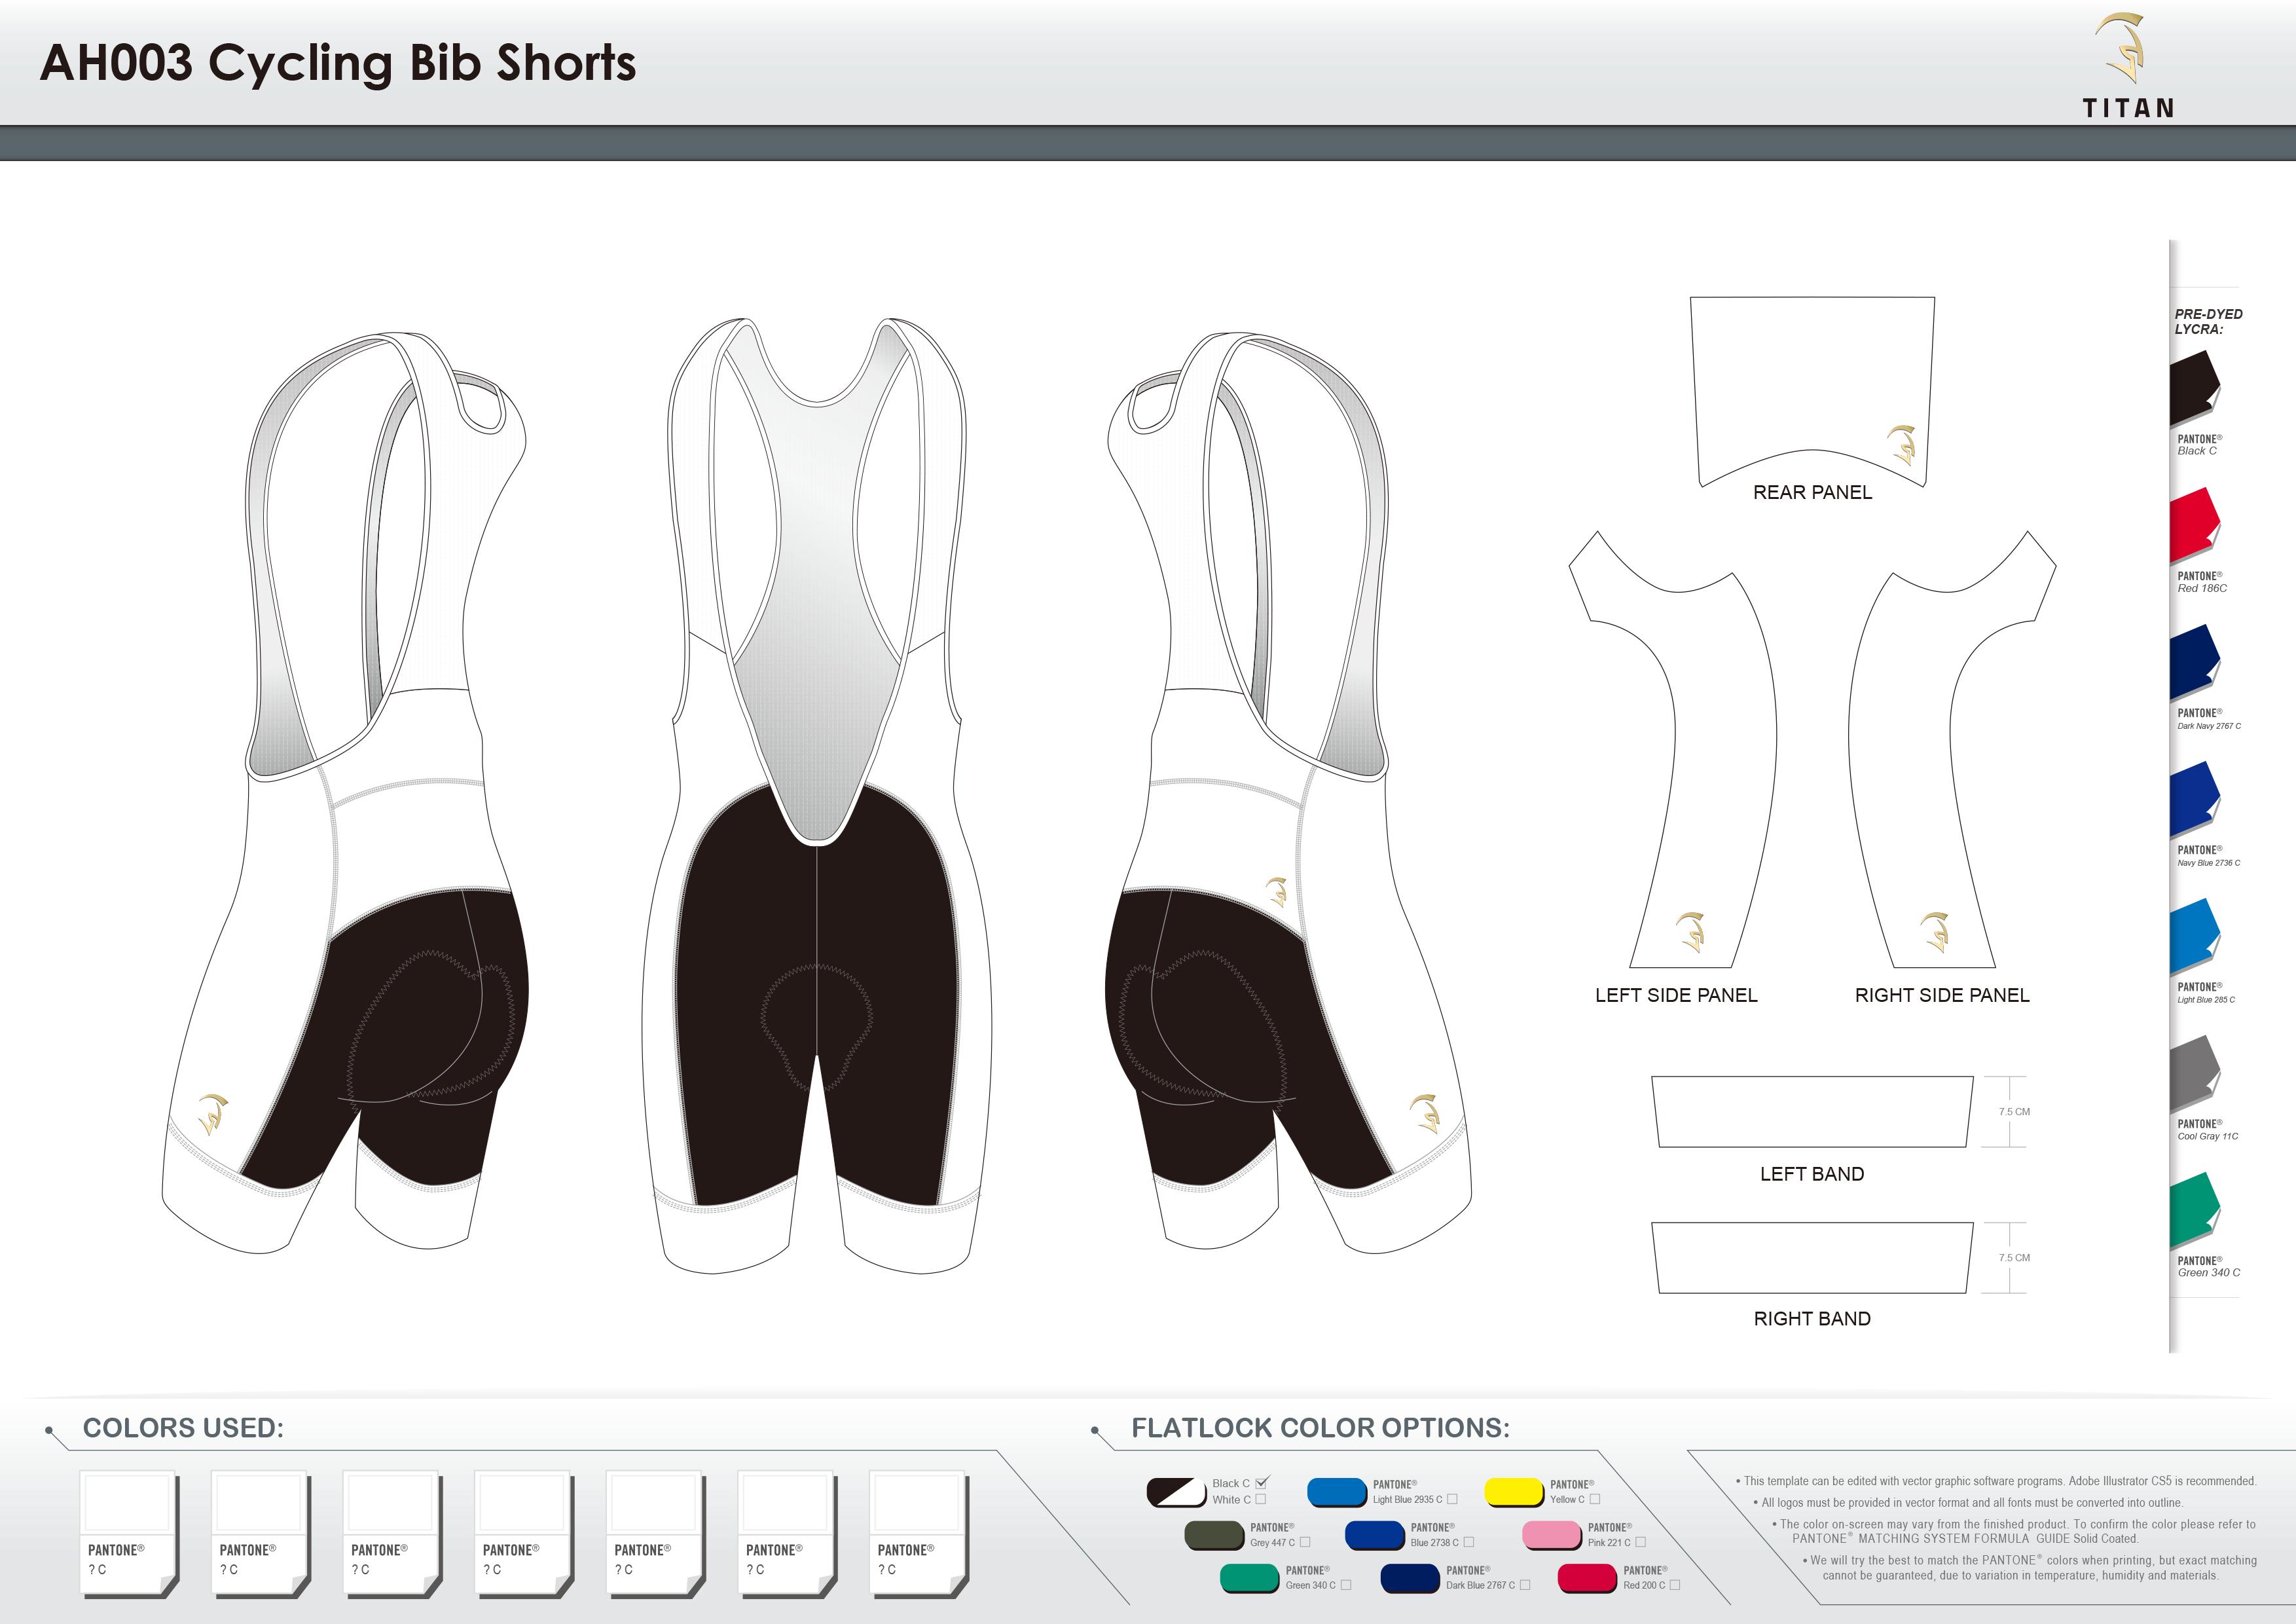 AH003 Cycling Bib Shorts